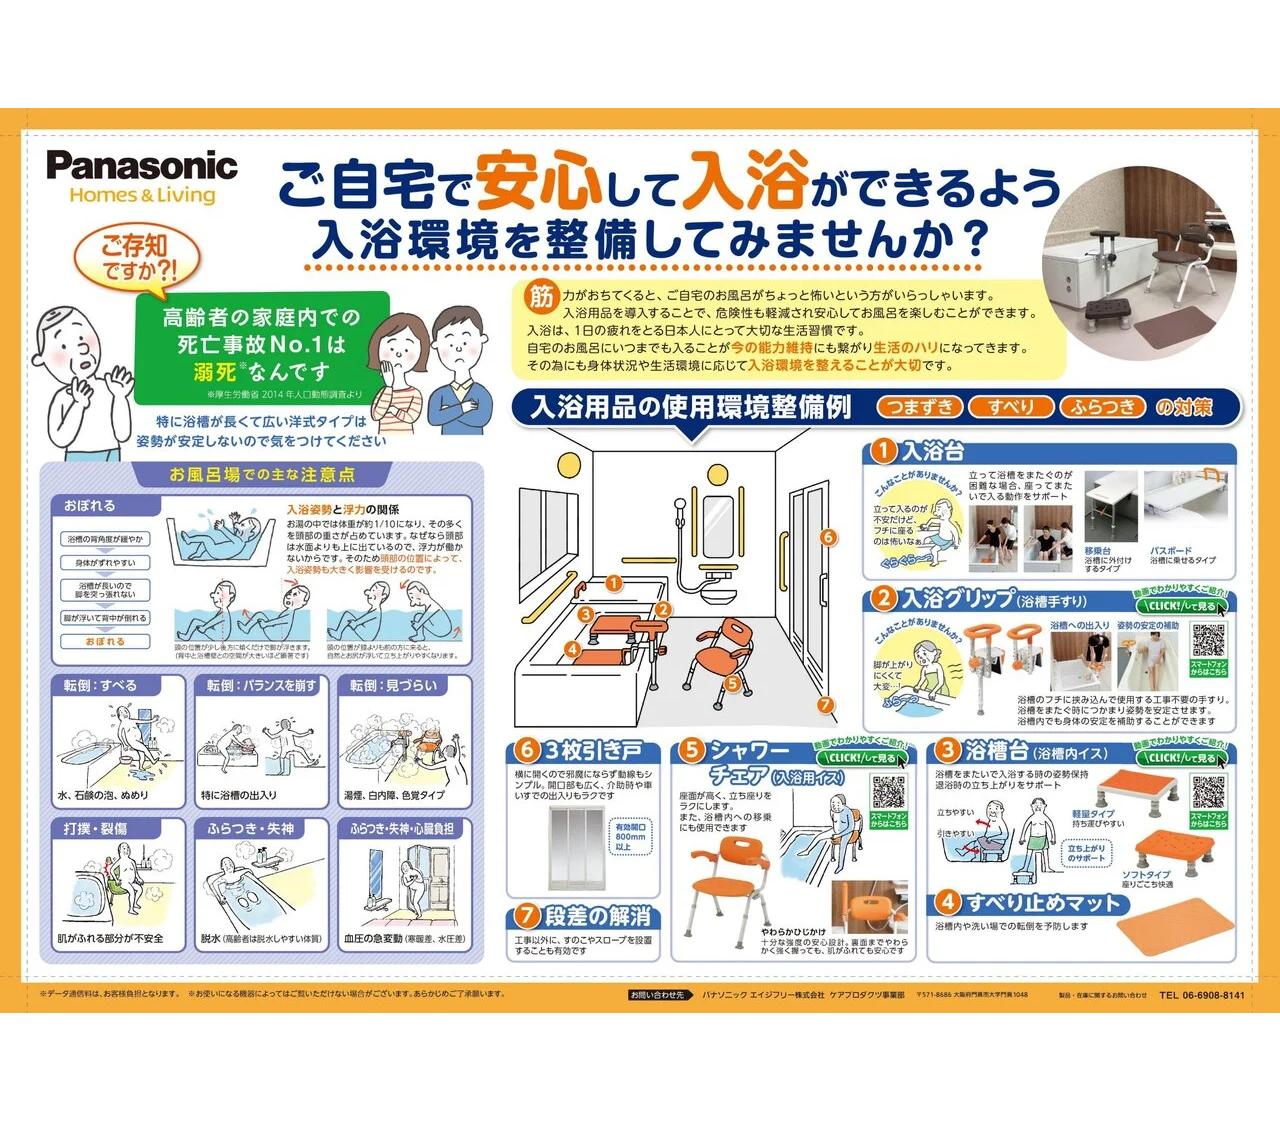 入浴環境整備のポイントまとめ公開/パナソニックエイジフリー